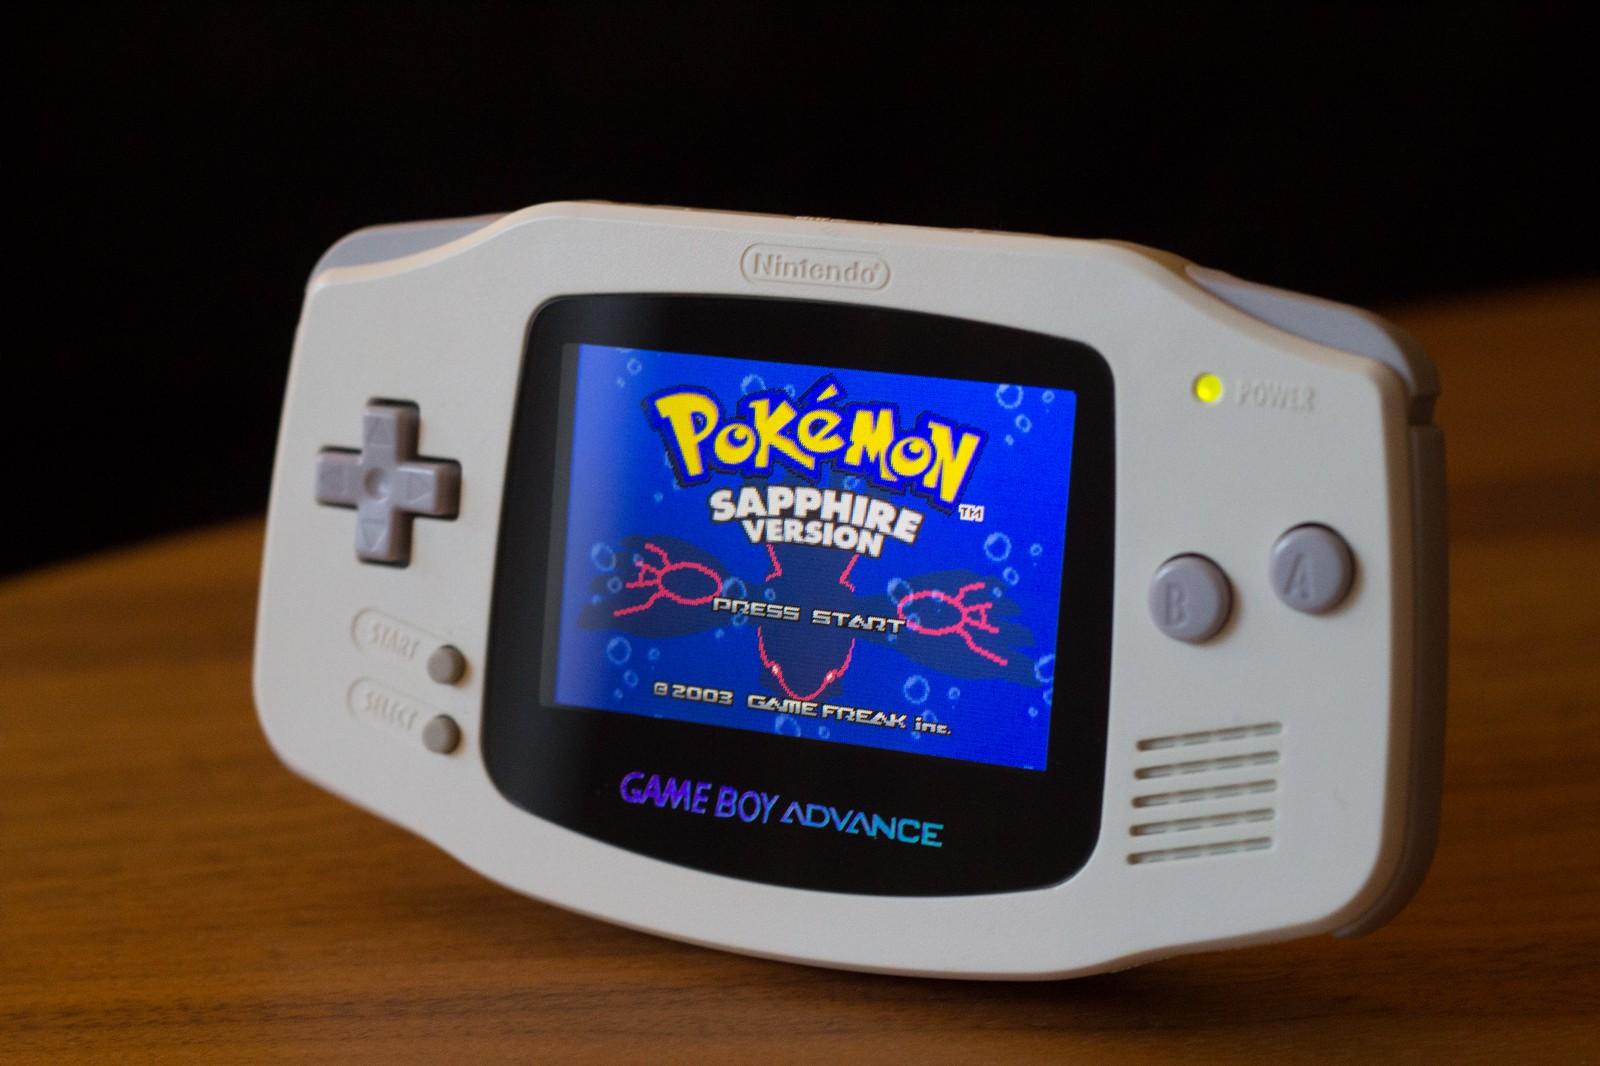 Nintendo envia DMCA para o GitHub exigindo a retirada do emulador de Game Boy Advance